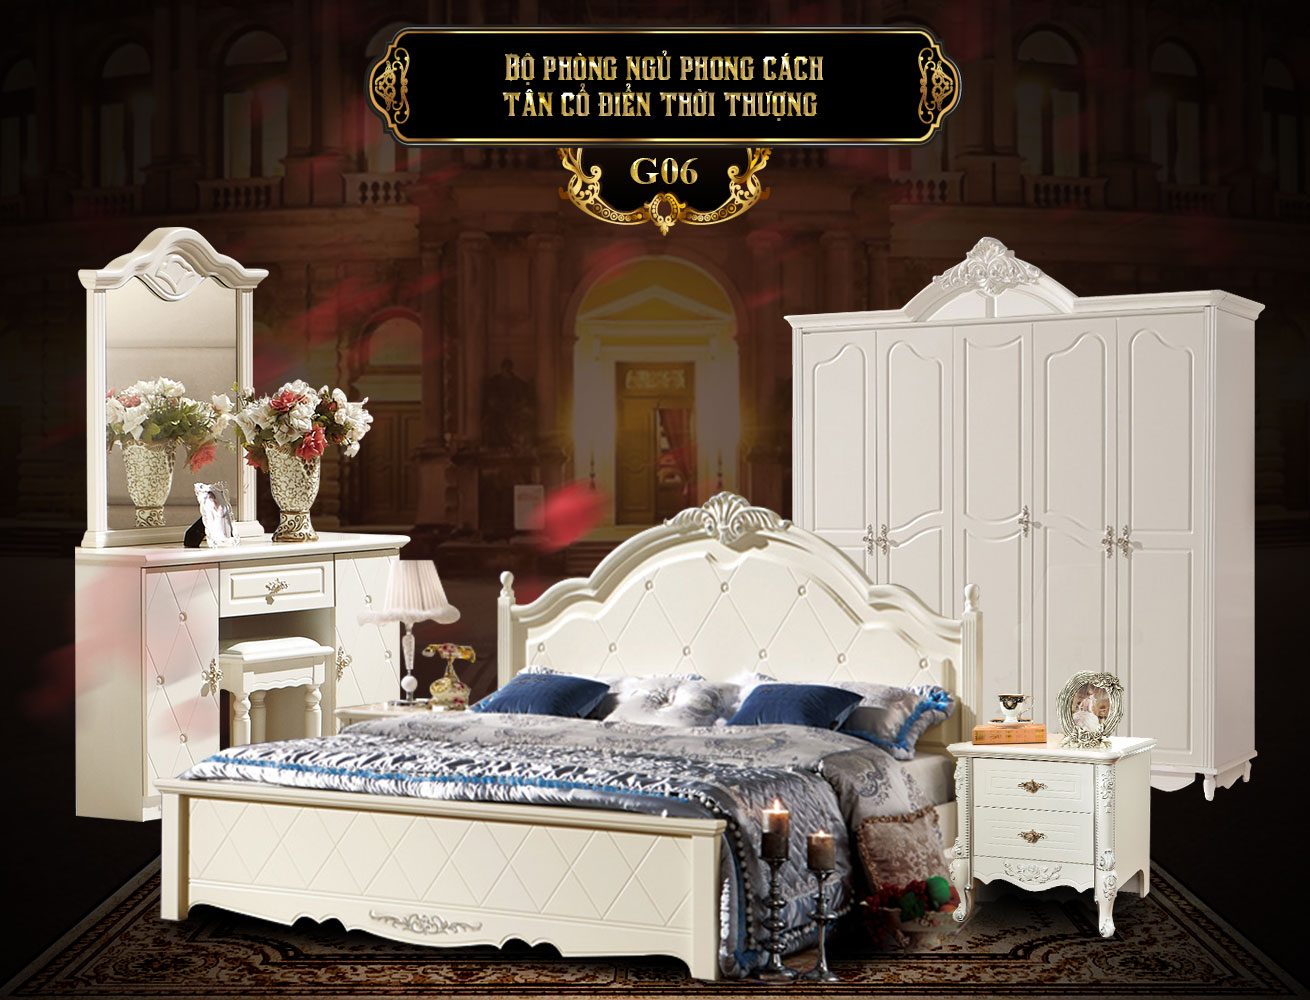 Bộ phòng ngủ phong cách tân cổ điển G06b   nội thất phòng ngủ đẹp G06   Giường ngủ tân cổ điển đẹp G06